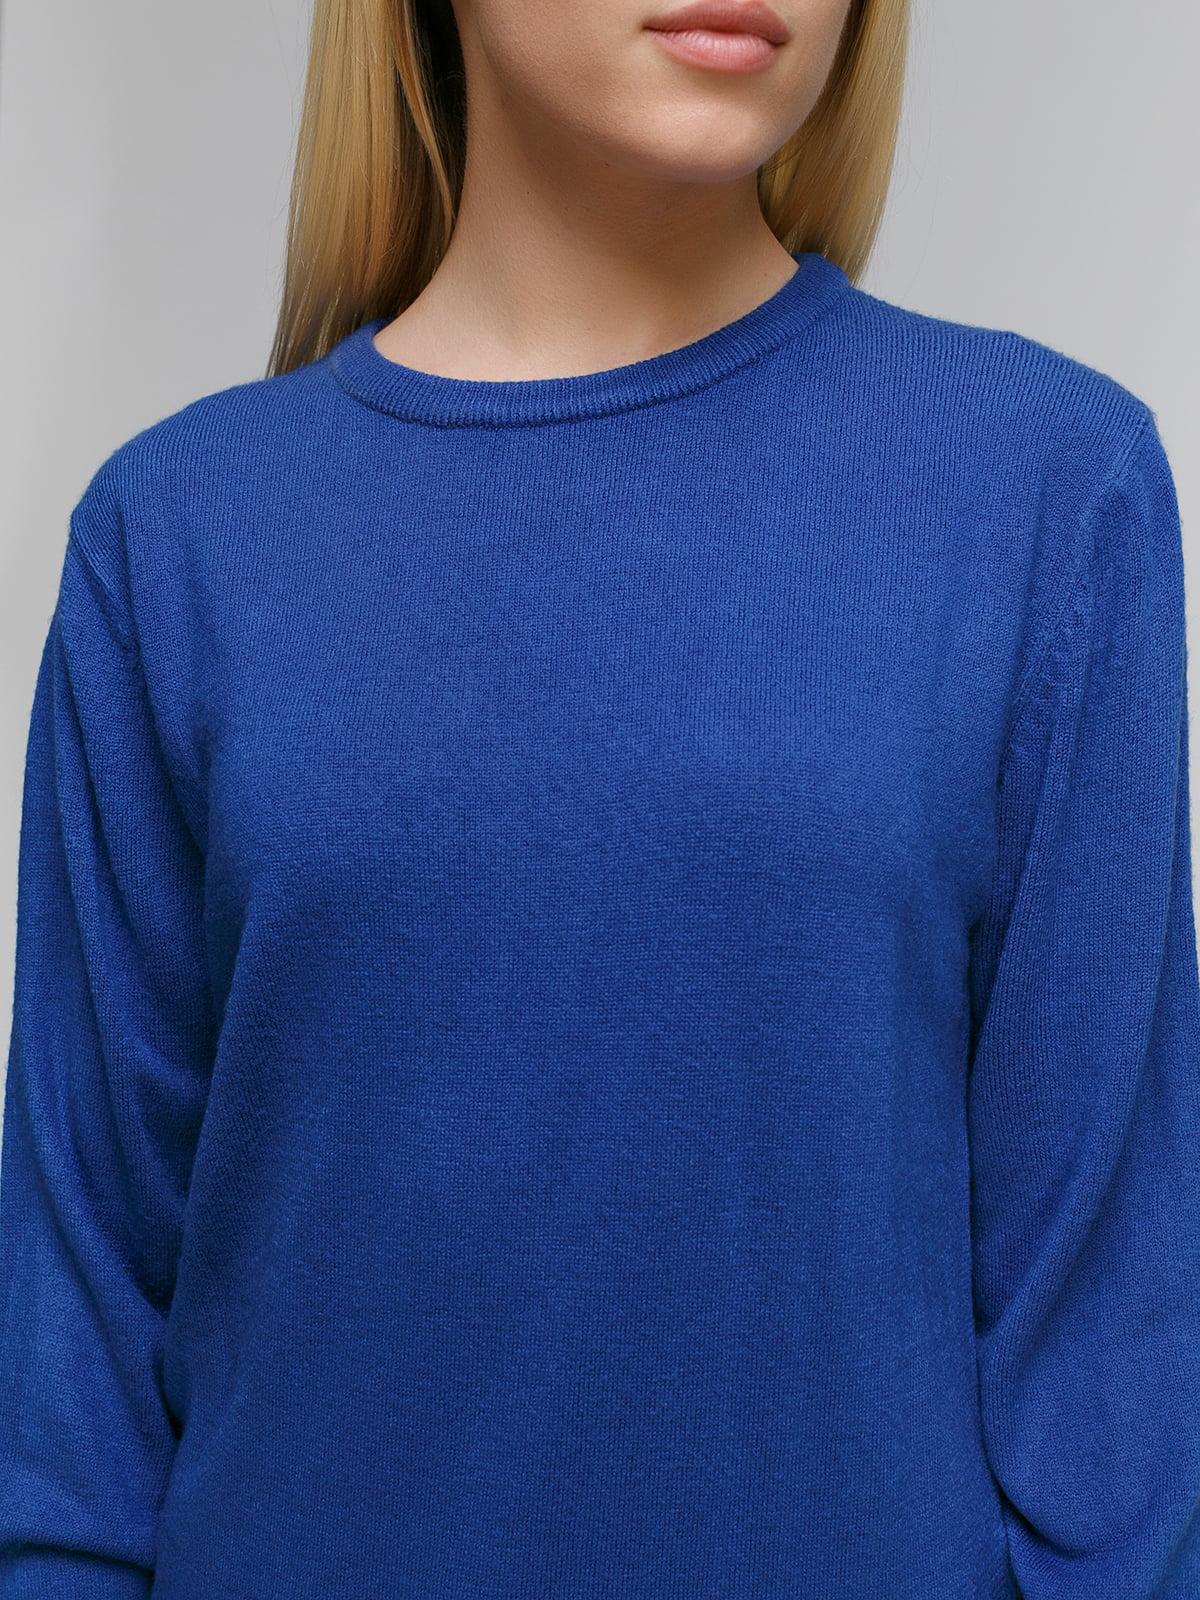 Пуловер синий | 4855276 | фото 3